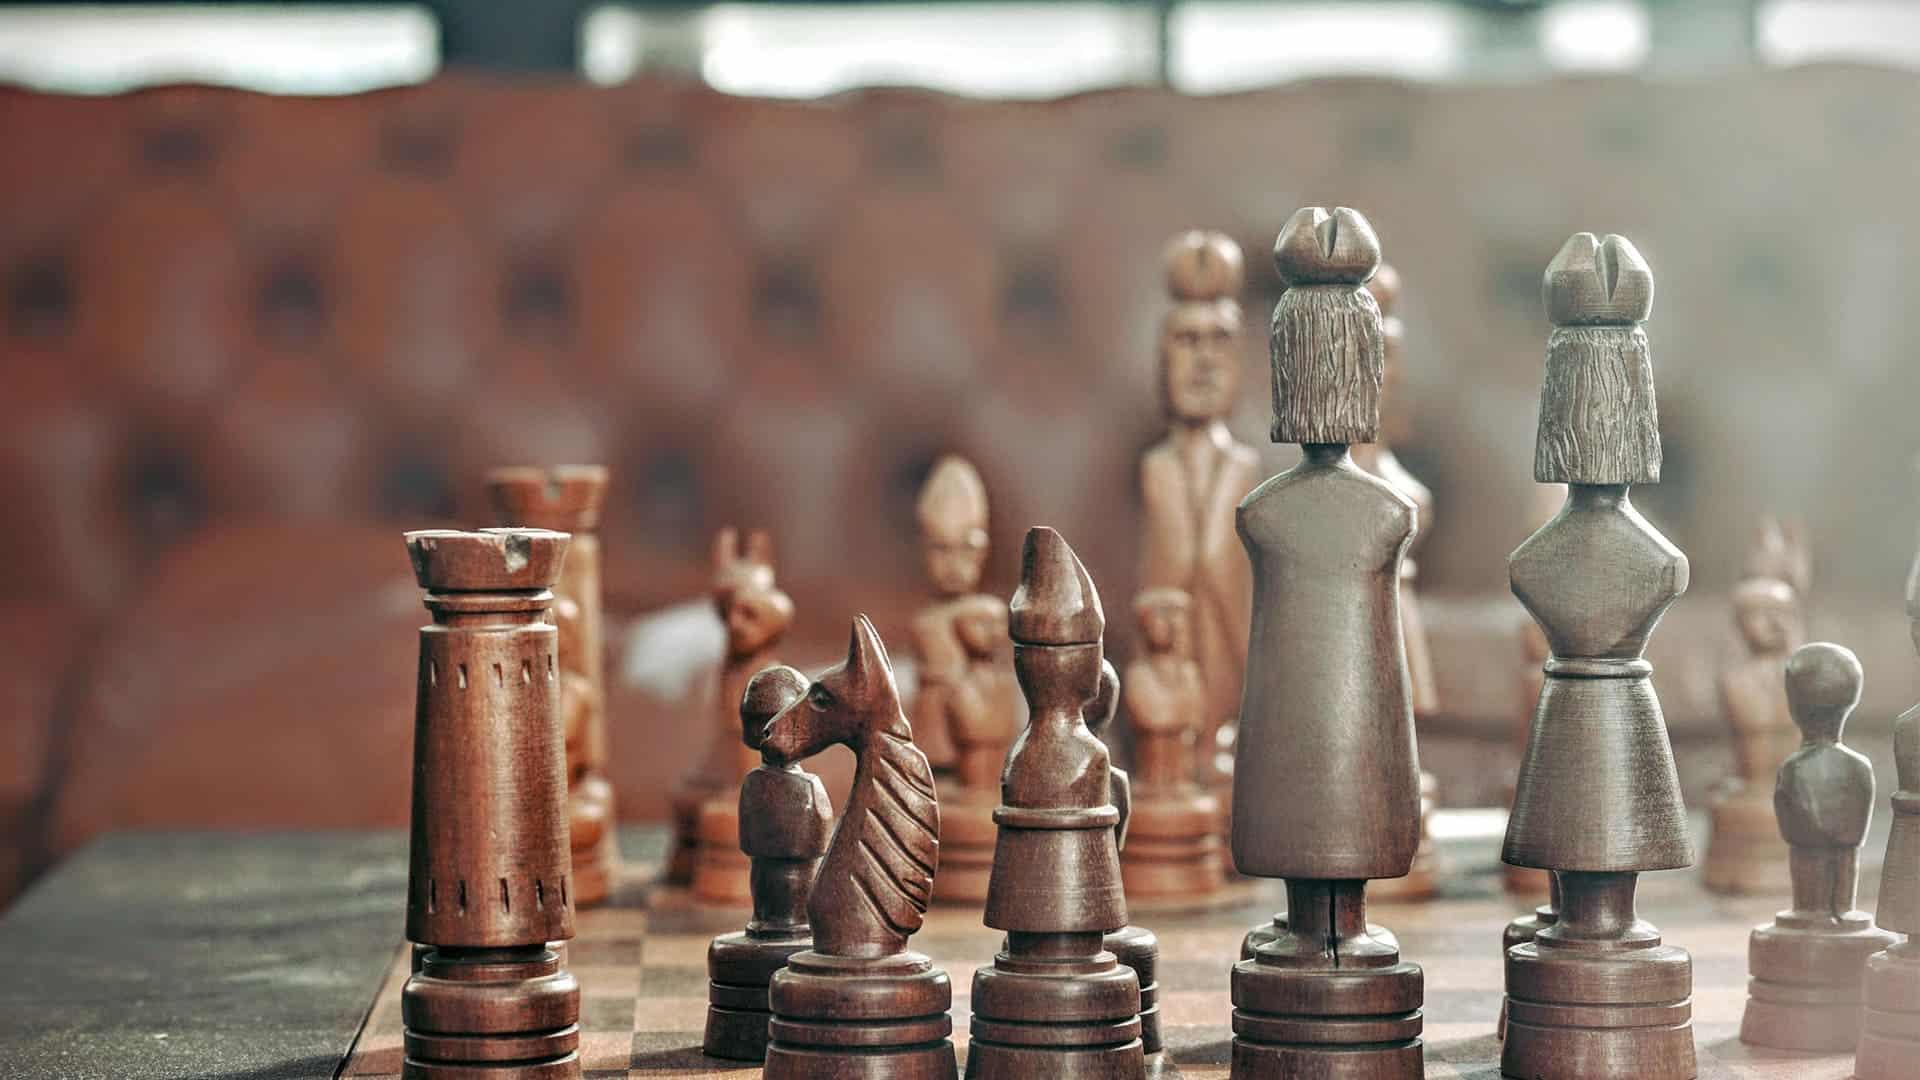 Führerscheinkontrolle - Schachbrett mit Figuren